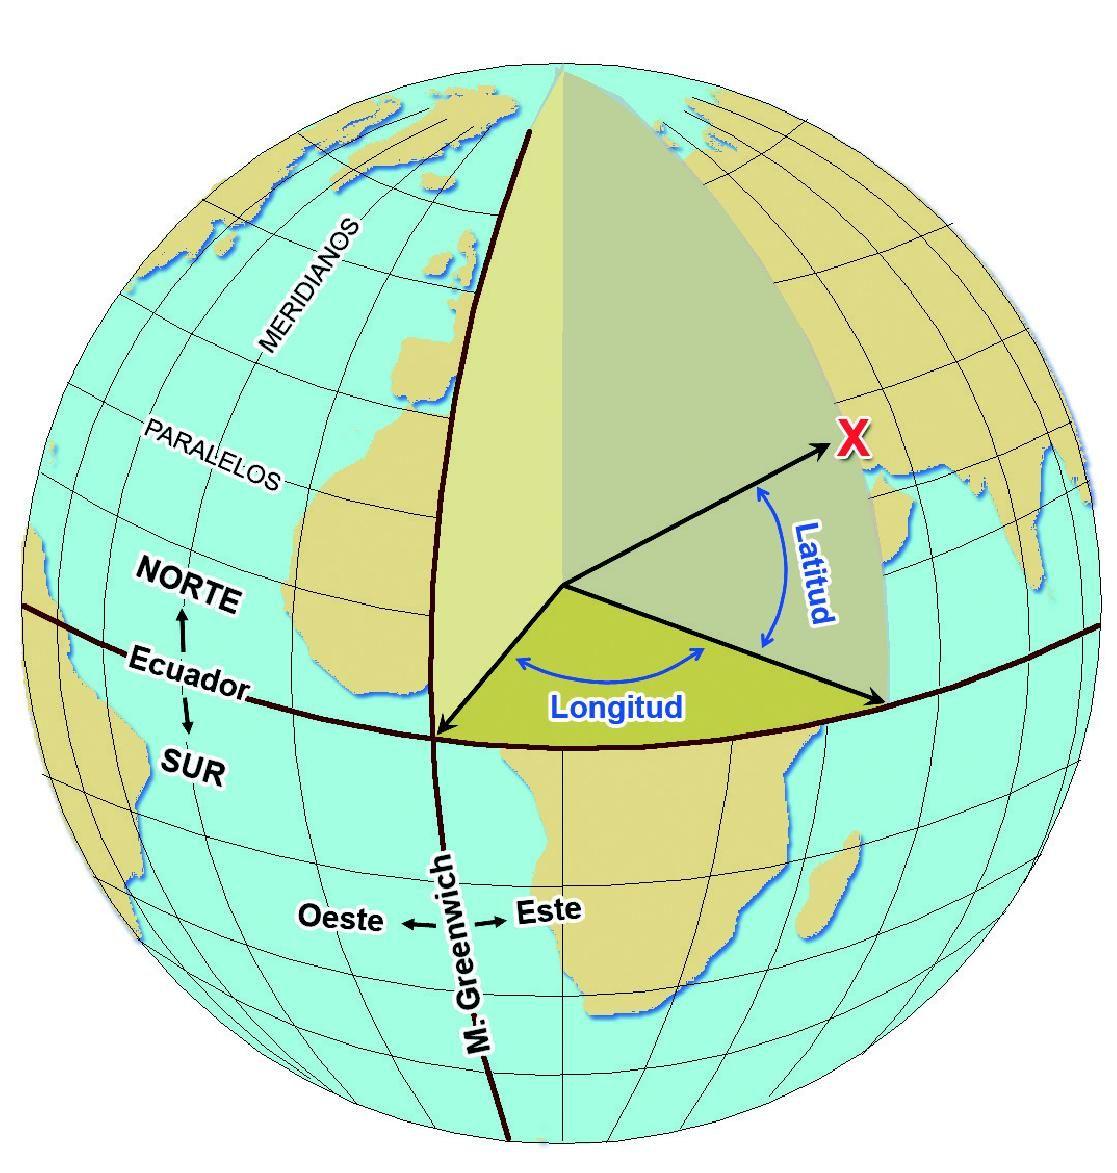 Esquema Sobre La Latitud I La Longitud Paralelos Y Meridianos Enseñanza De La Geografía Coordenada Geografica